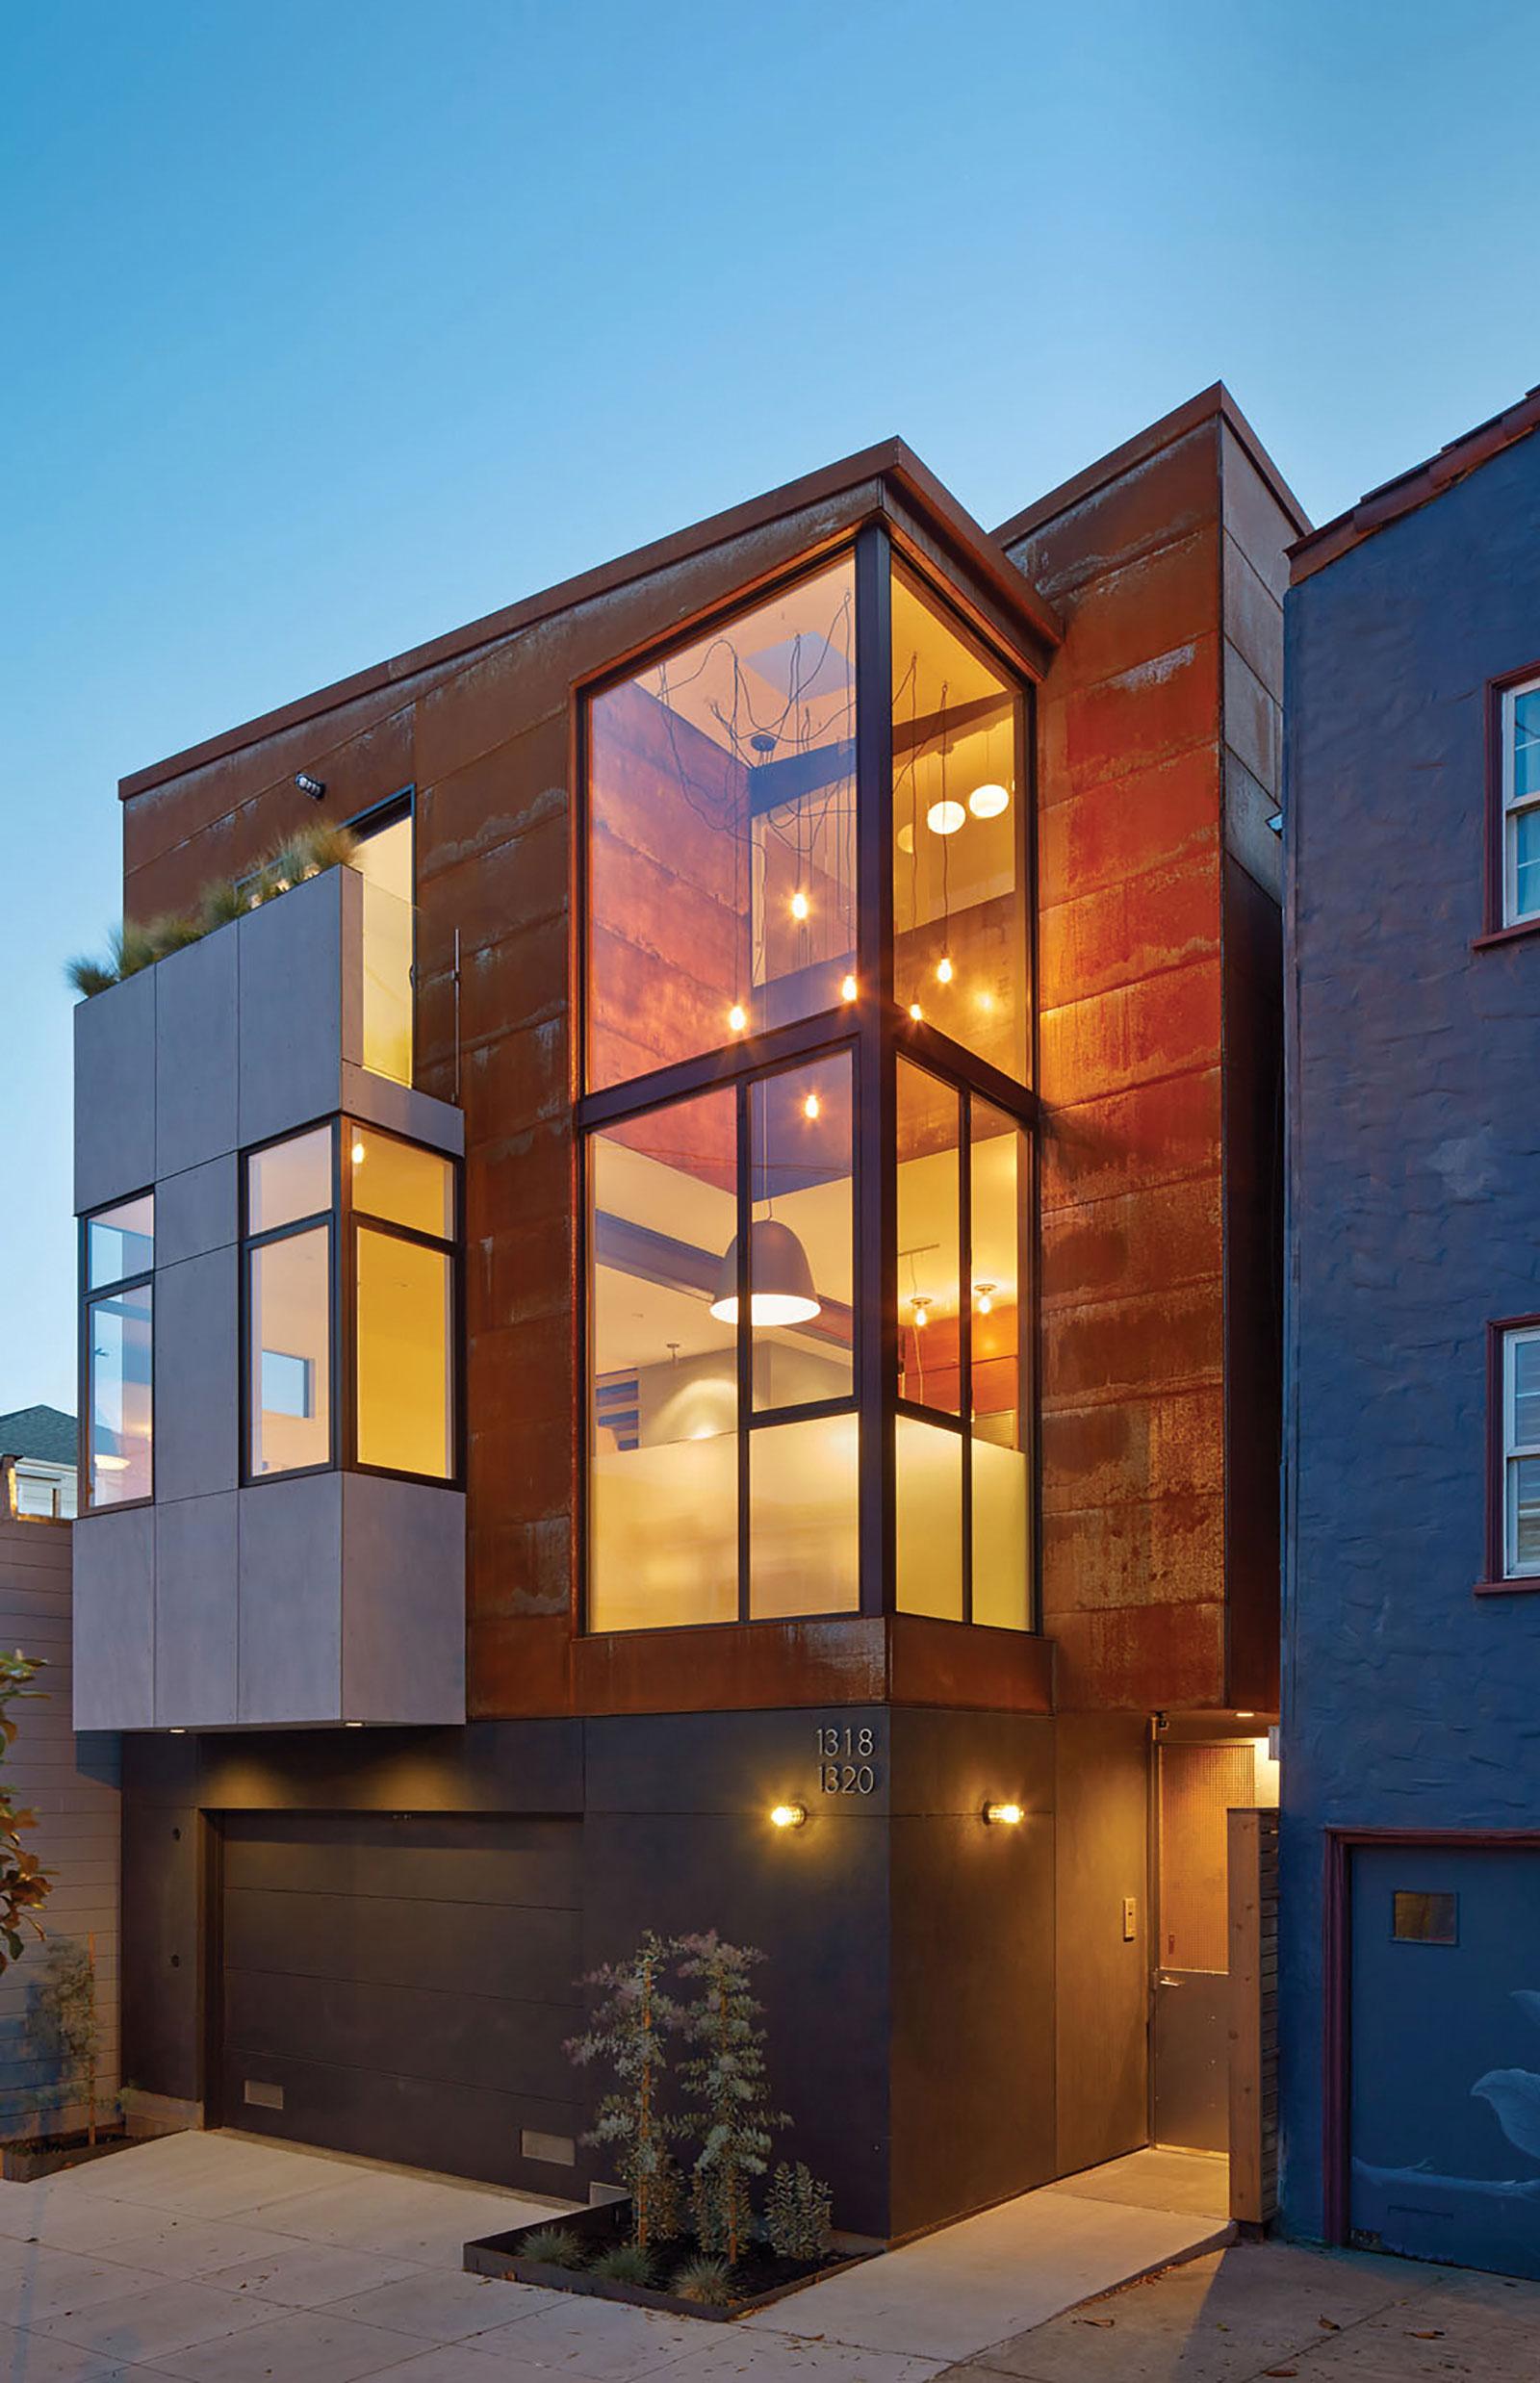 Bright and Elegant Interior Design of Steelhouse 1 plus 2 by Zack de Vito Architecture-11